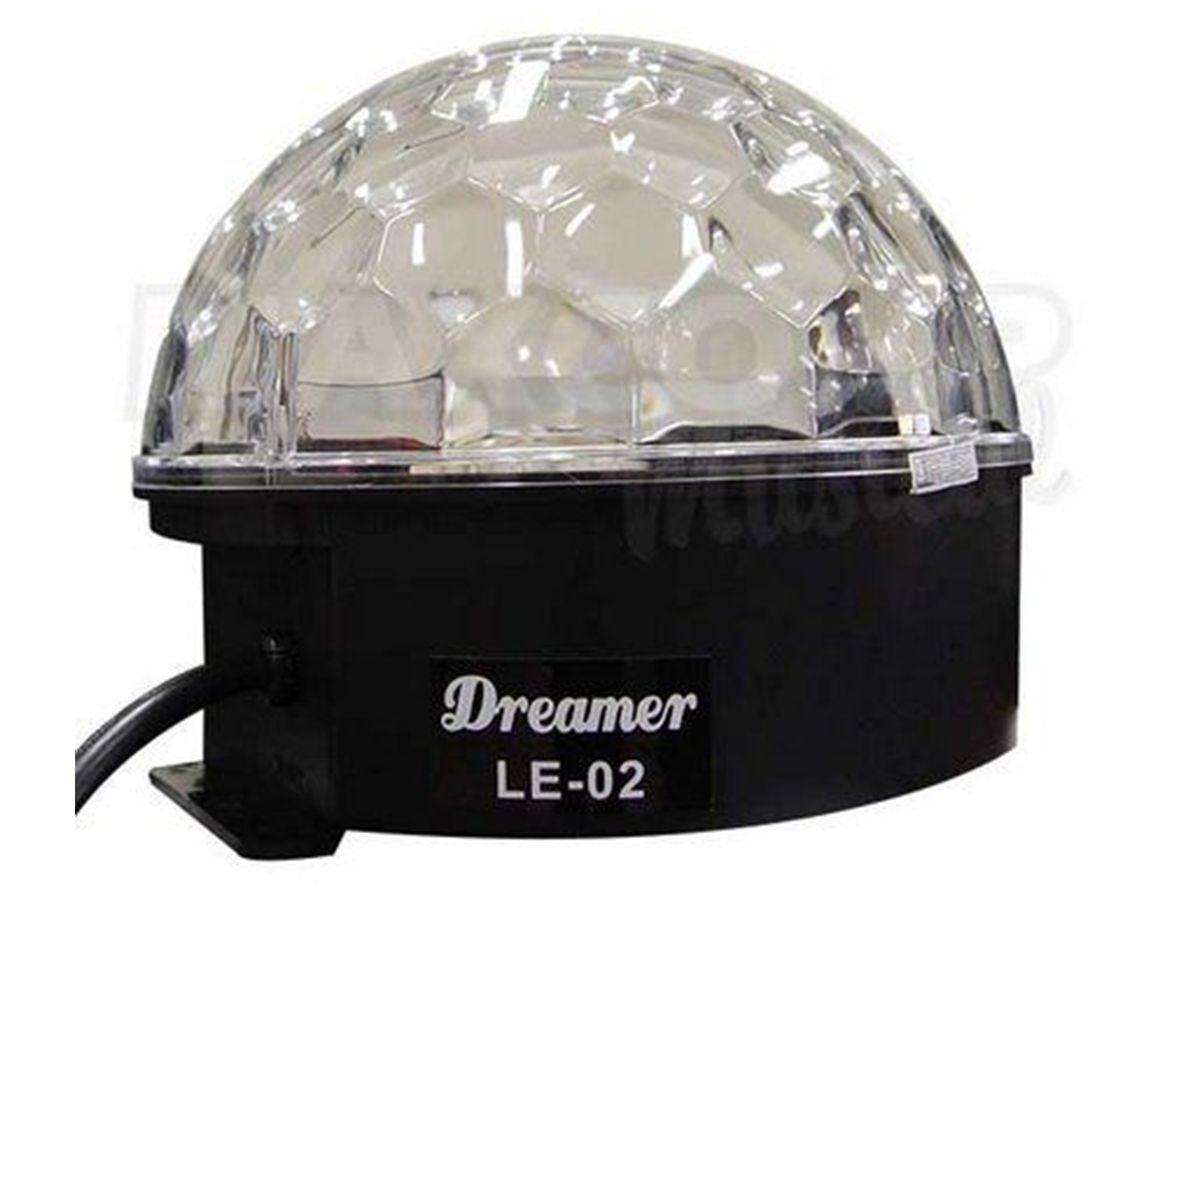 Led Magic Ball Light Dreamer